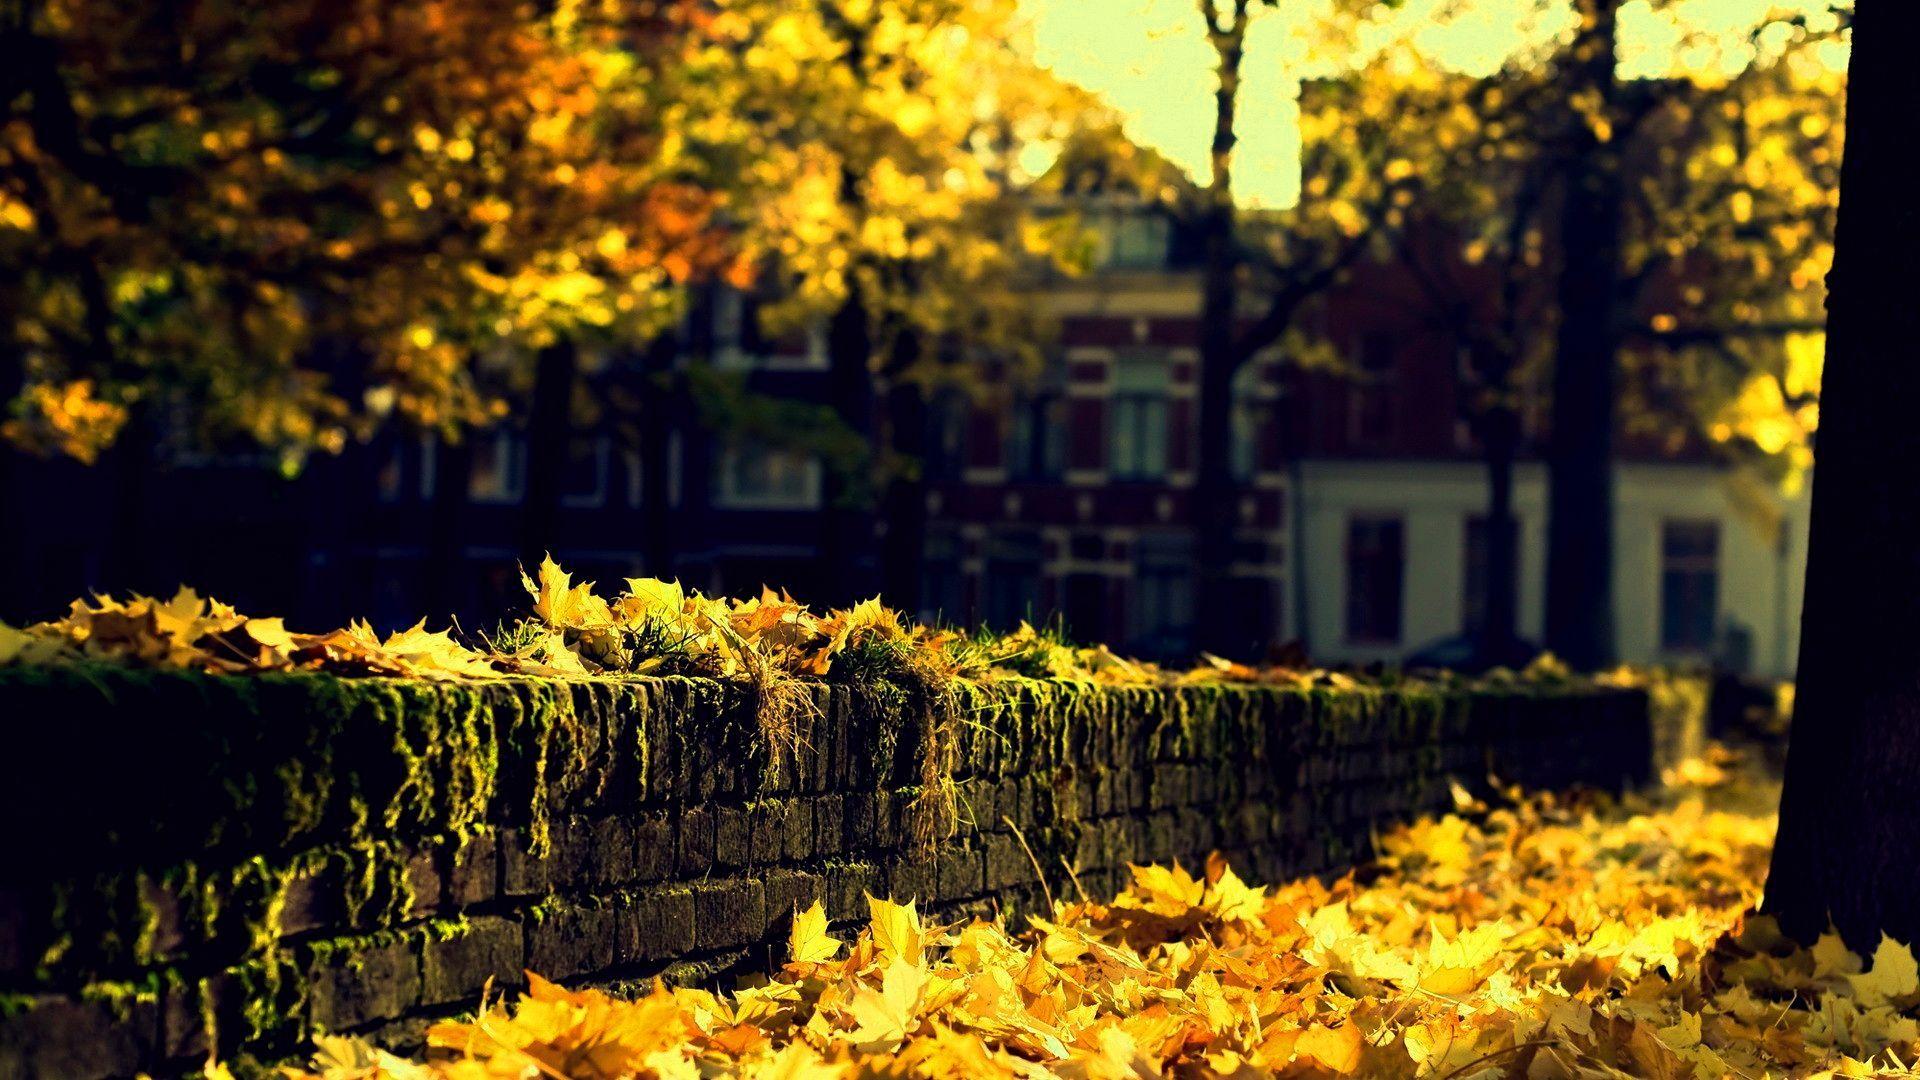 Autmn Landscape 4k Ultra Hd Wallpaper 4k Wallpaper Net Autumn Landscape Hd Nature Wallpapers Landscape Wallpaper